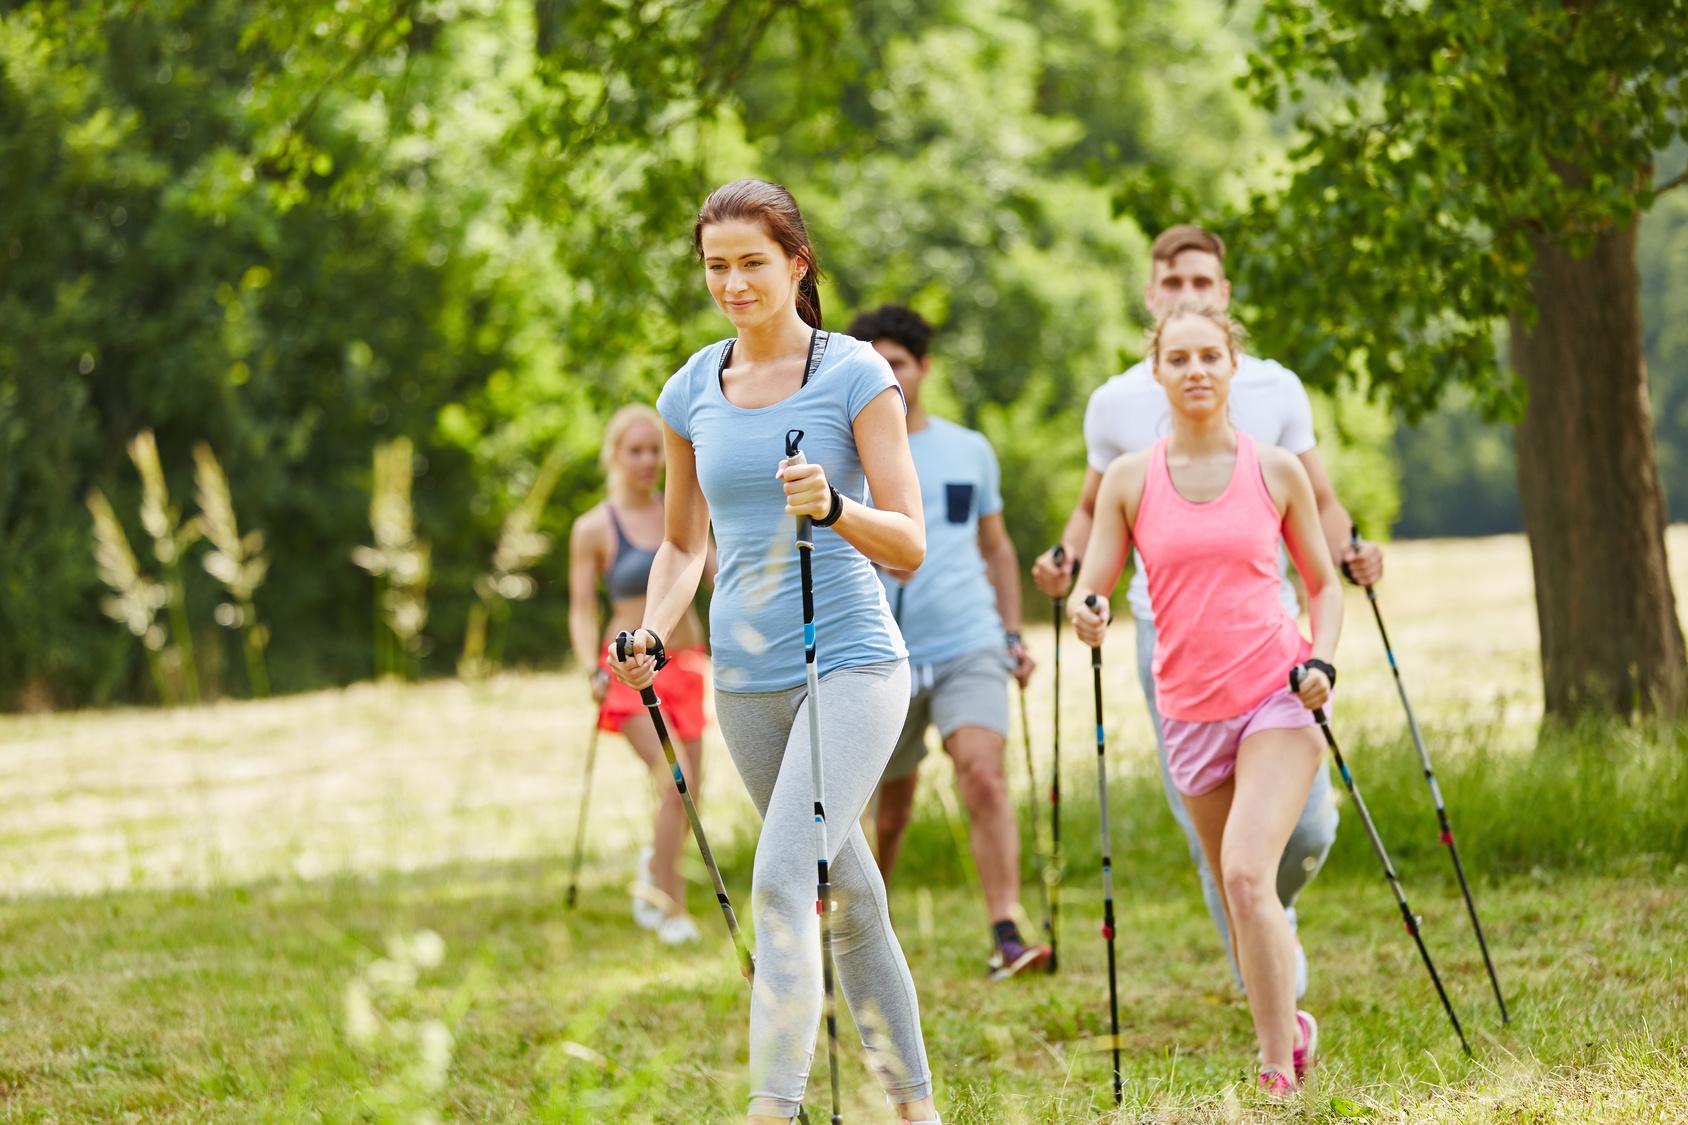 【新連載】女性のライフステージと、体と心の健康運動